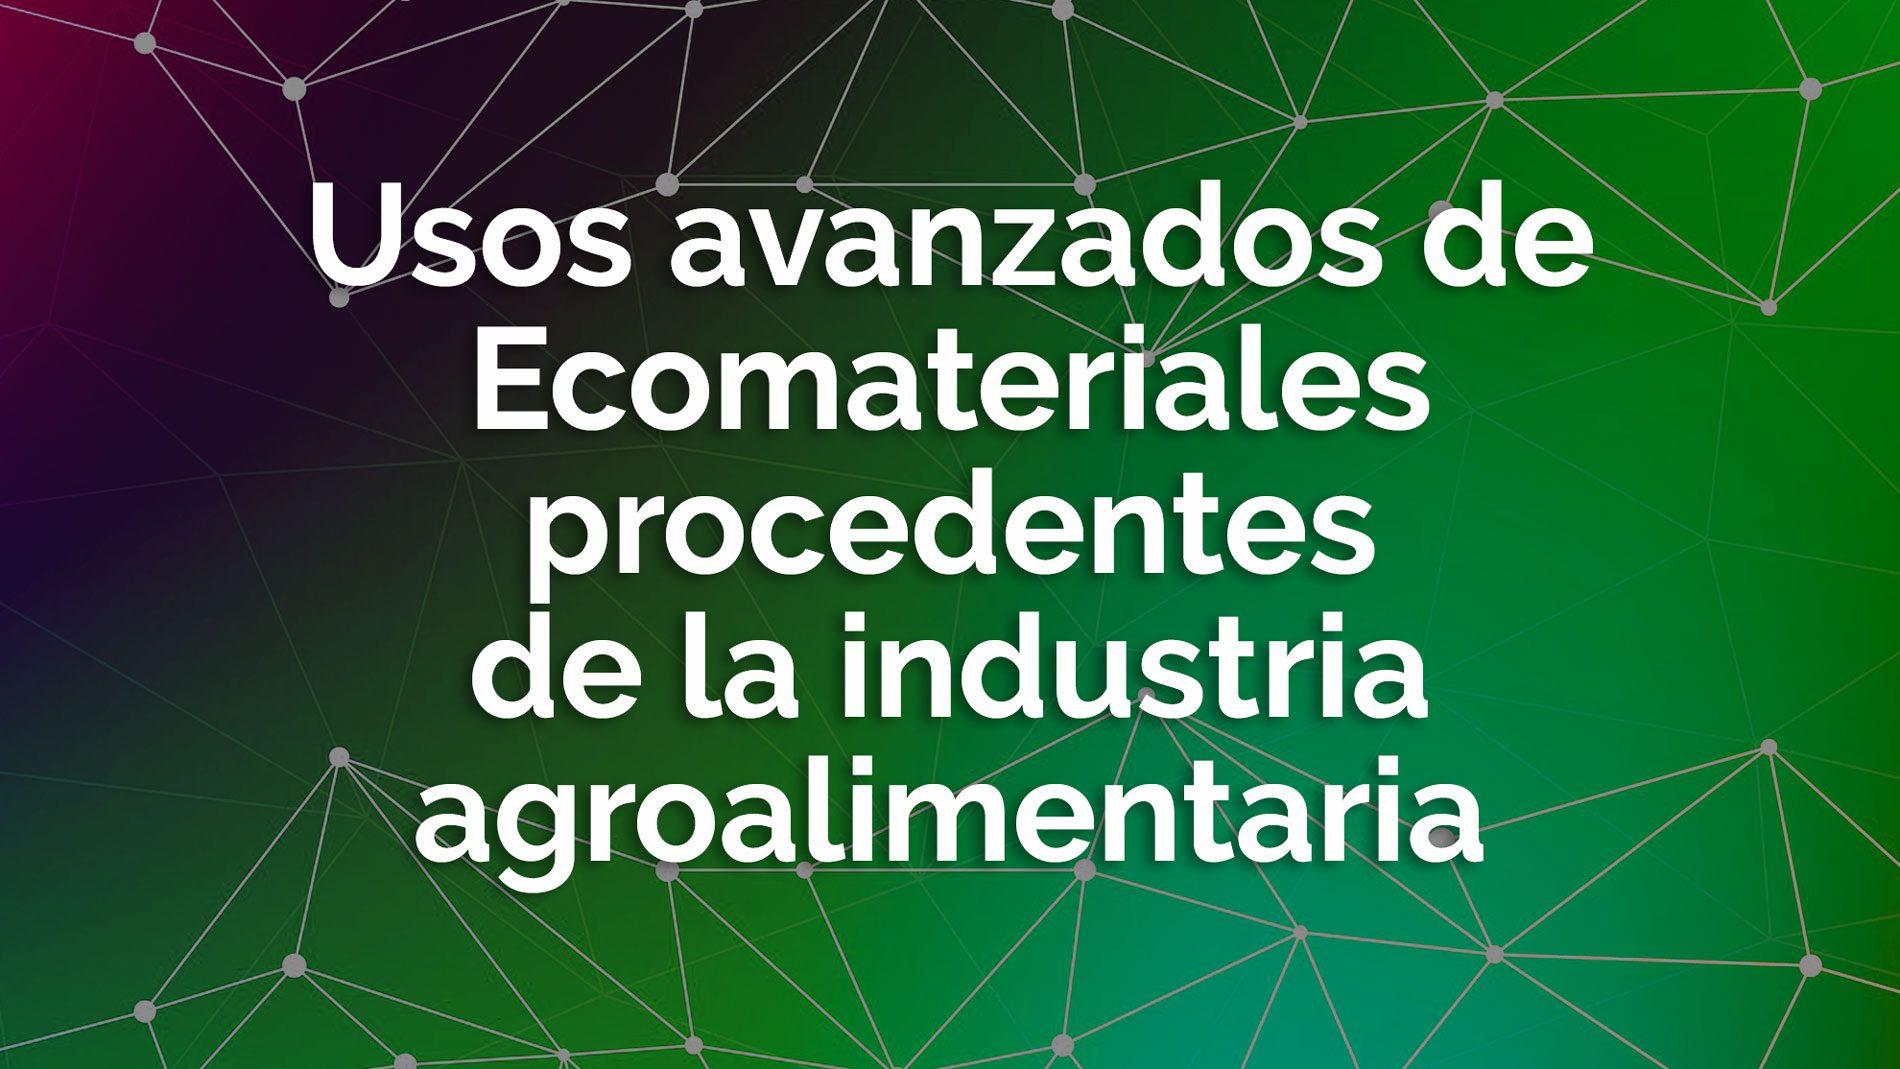 Usos avanzados Ecomateriales procedentes industria agroalimentaria